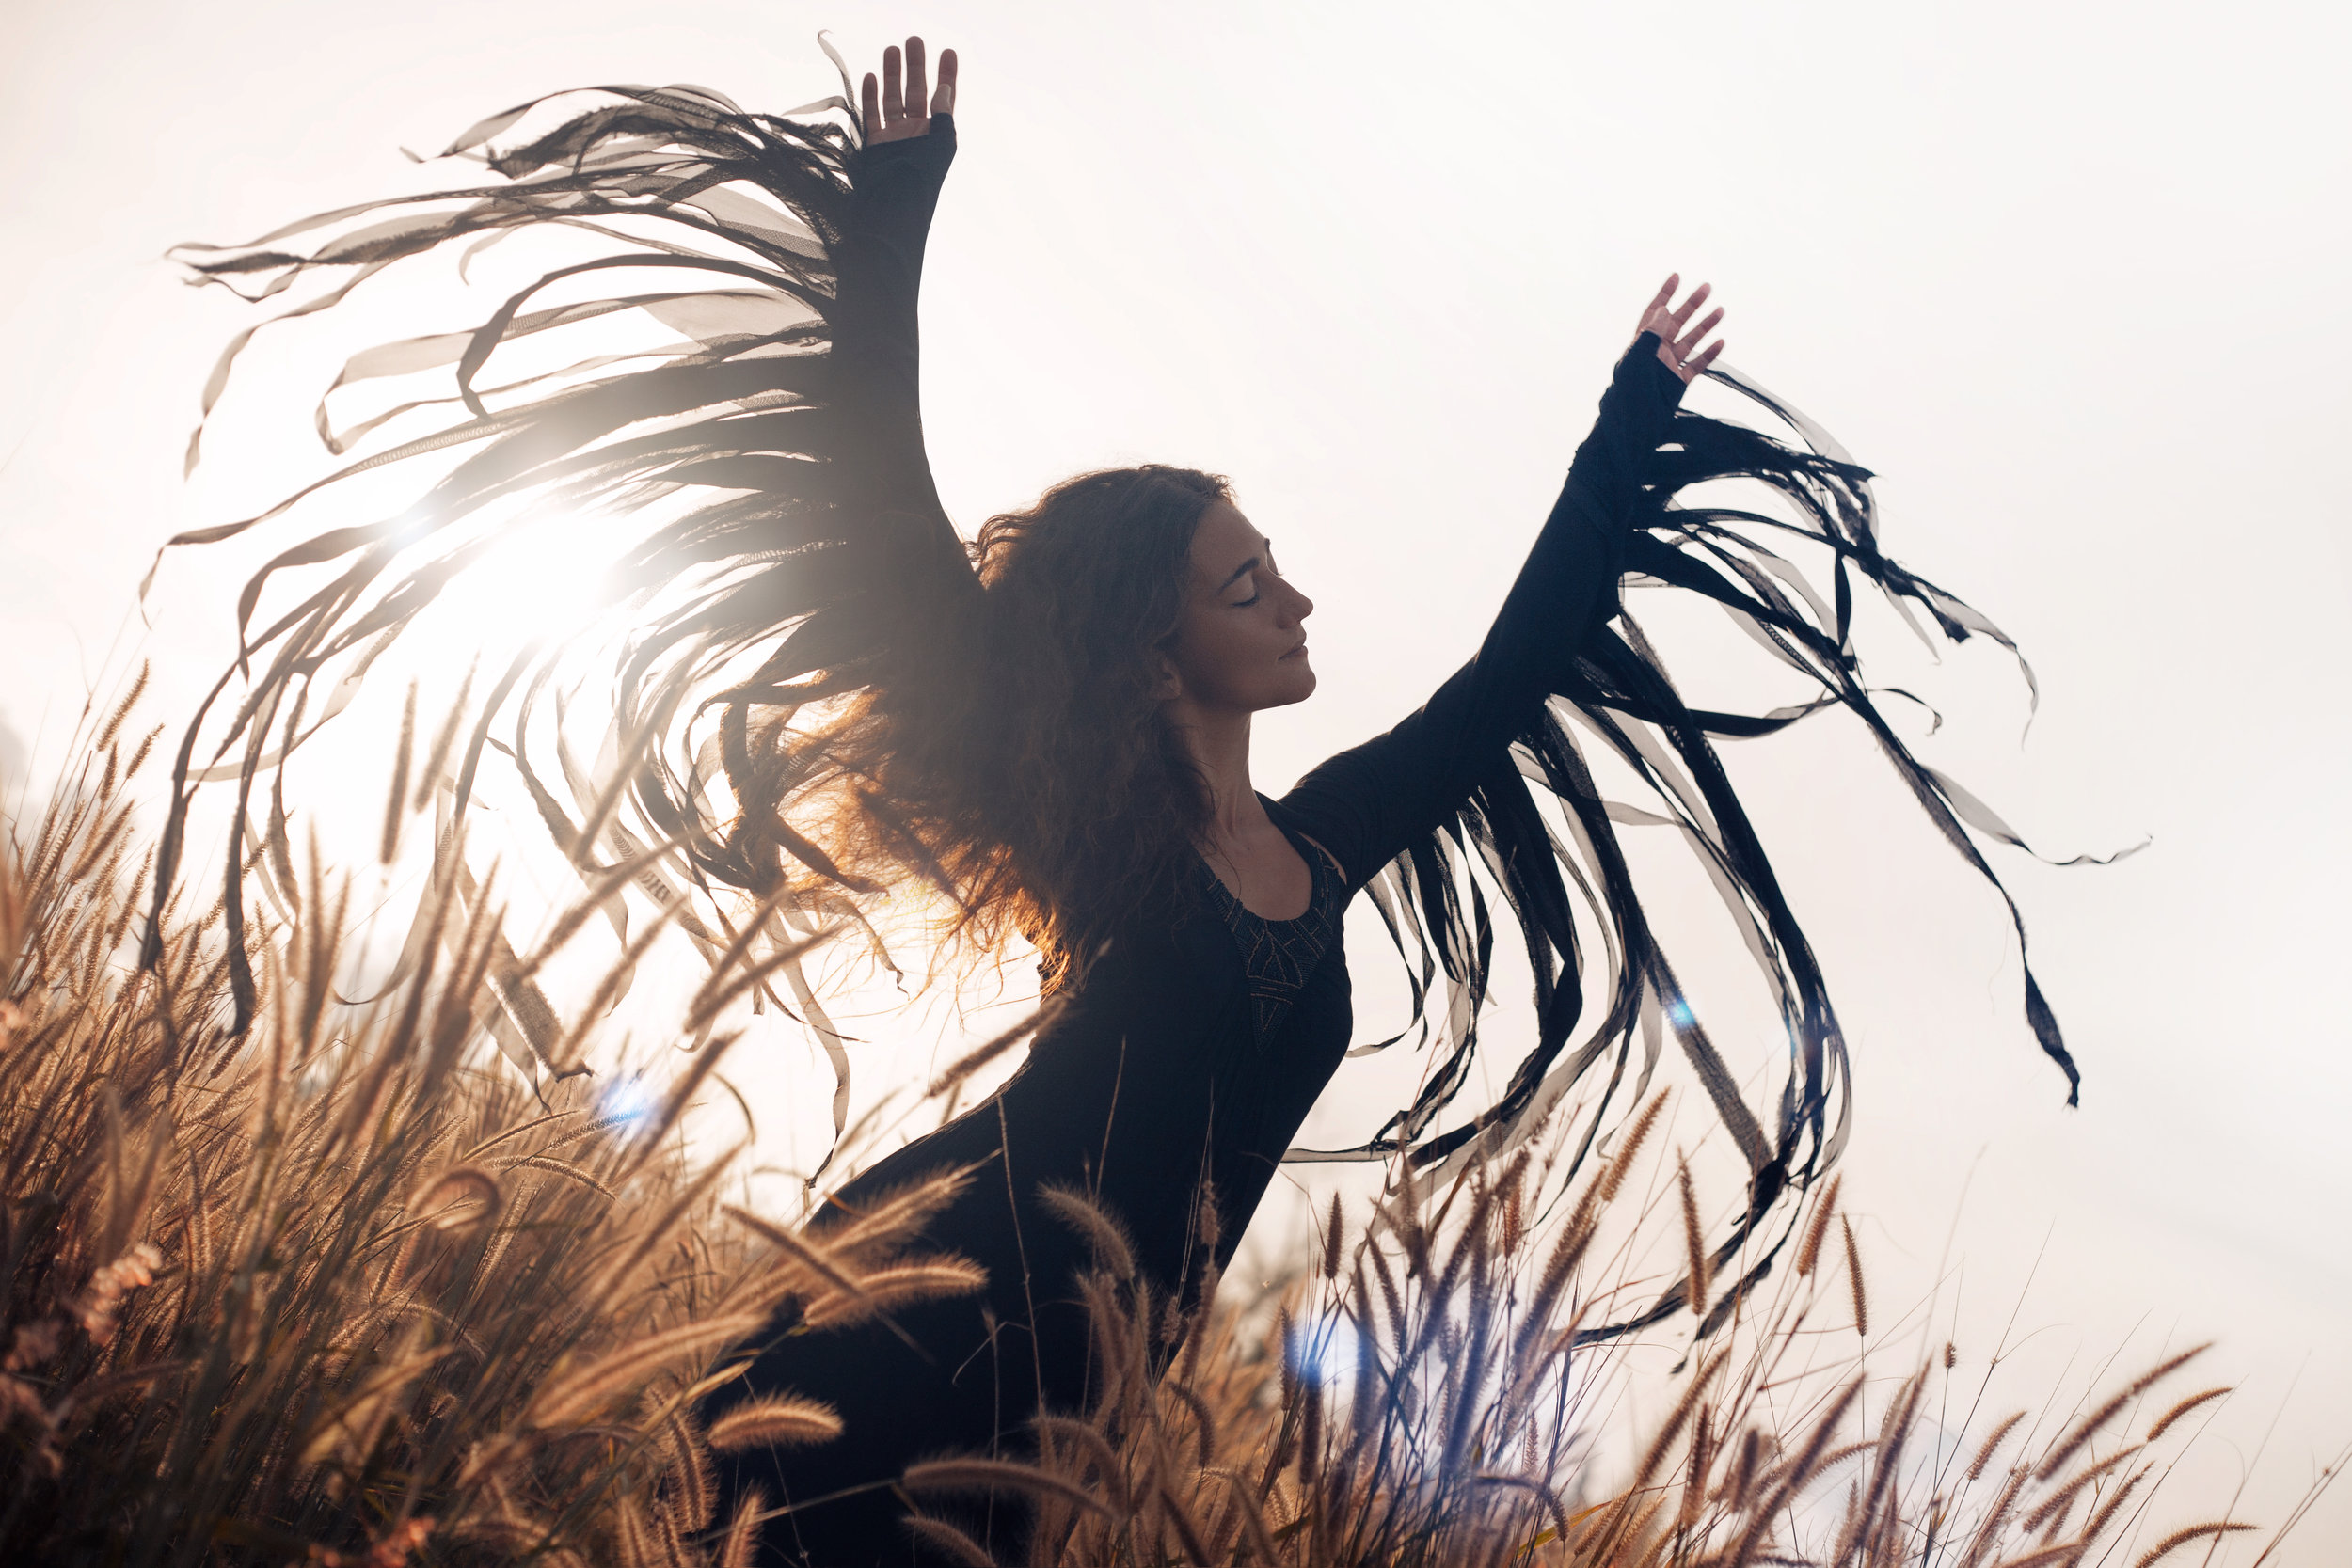 She is wings open -